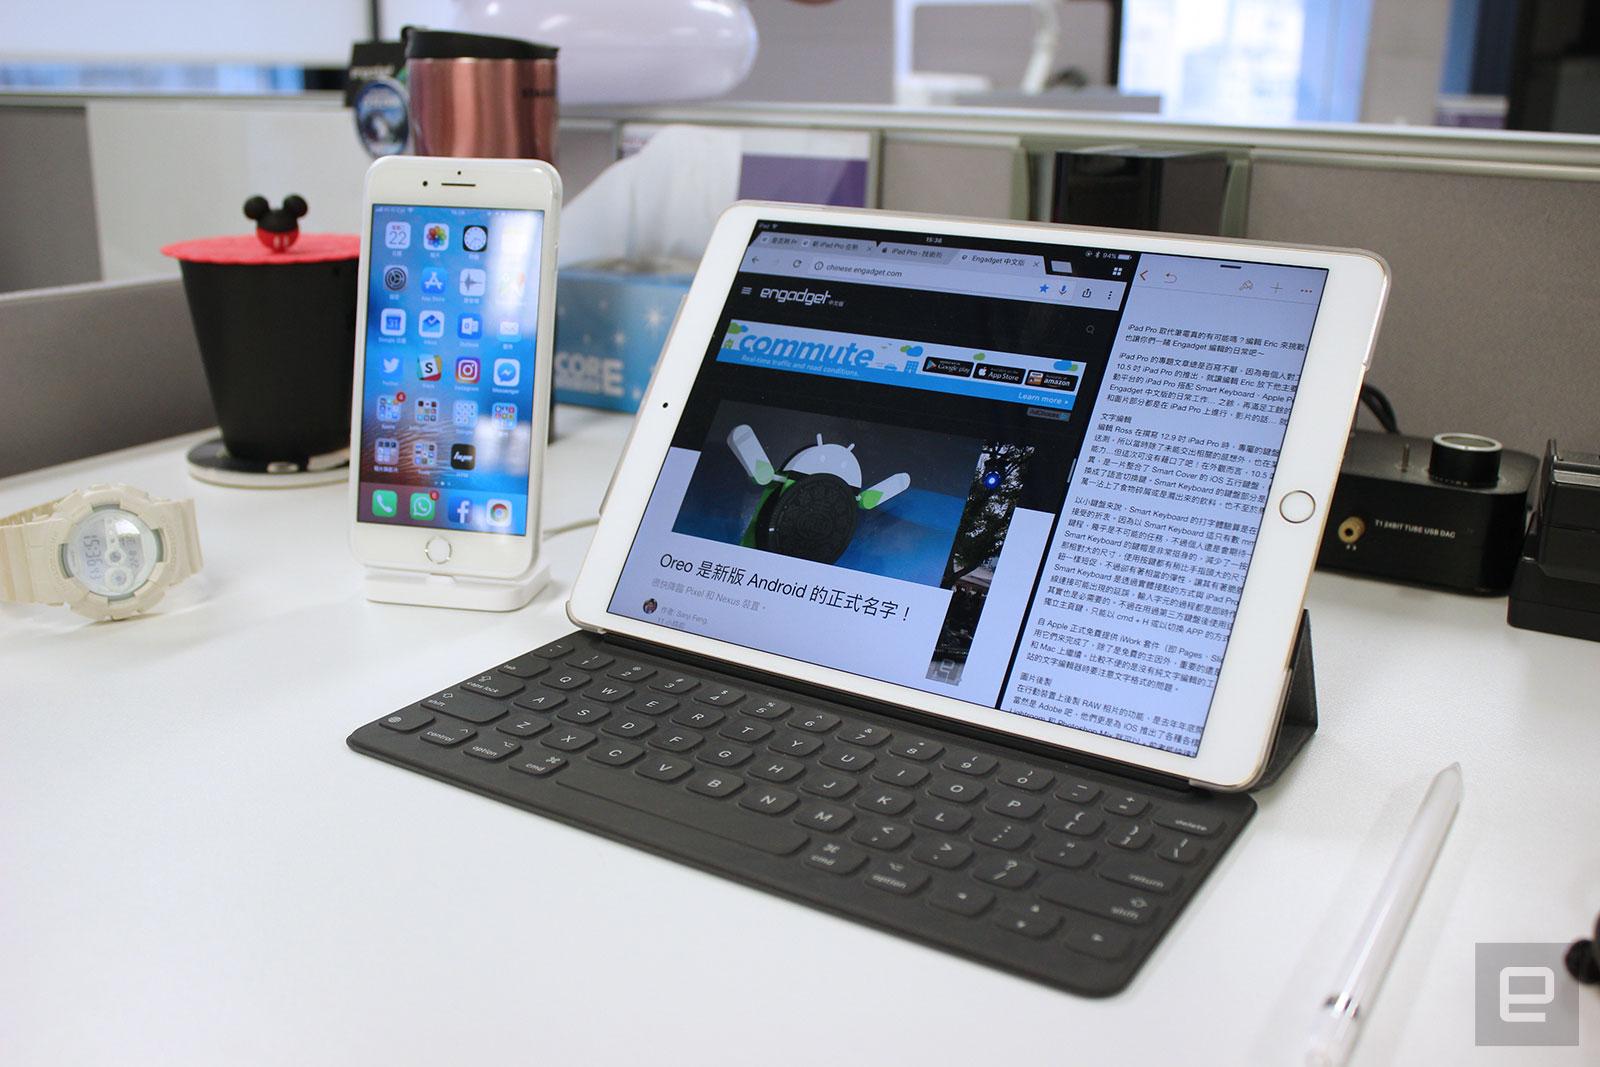 iPad Pro 取代筆電真的有可能嗎?編輯 Eric 來挑戰一下!